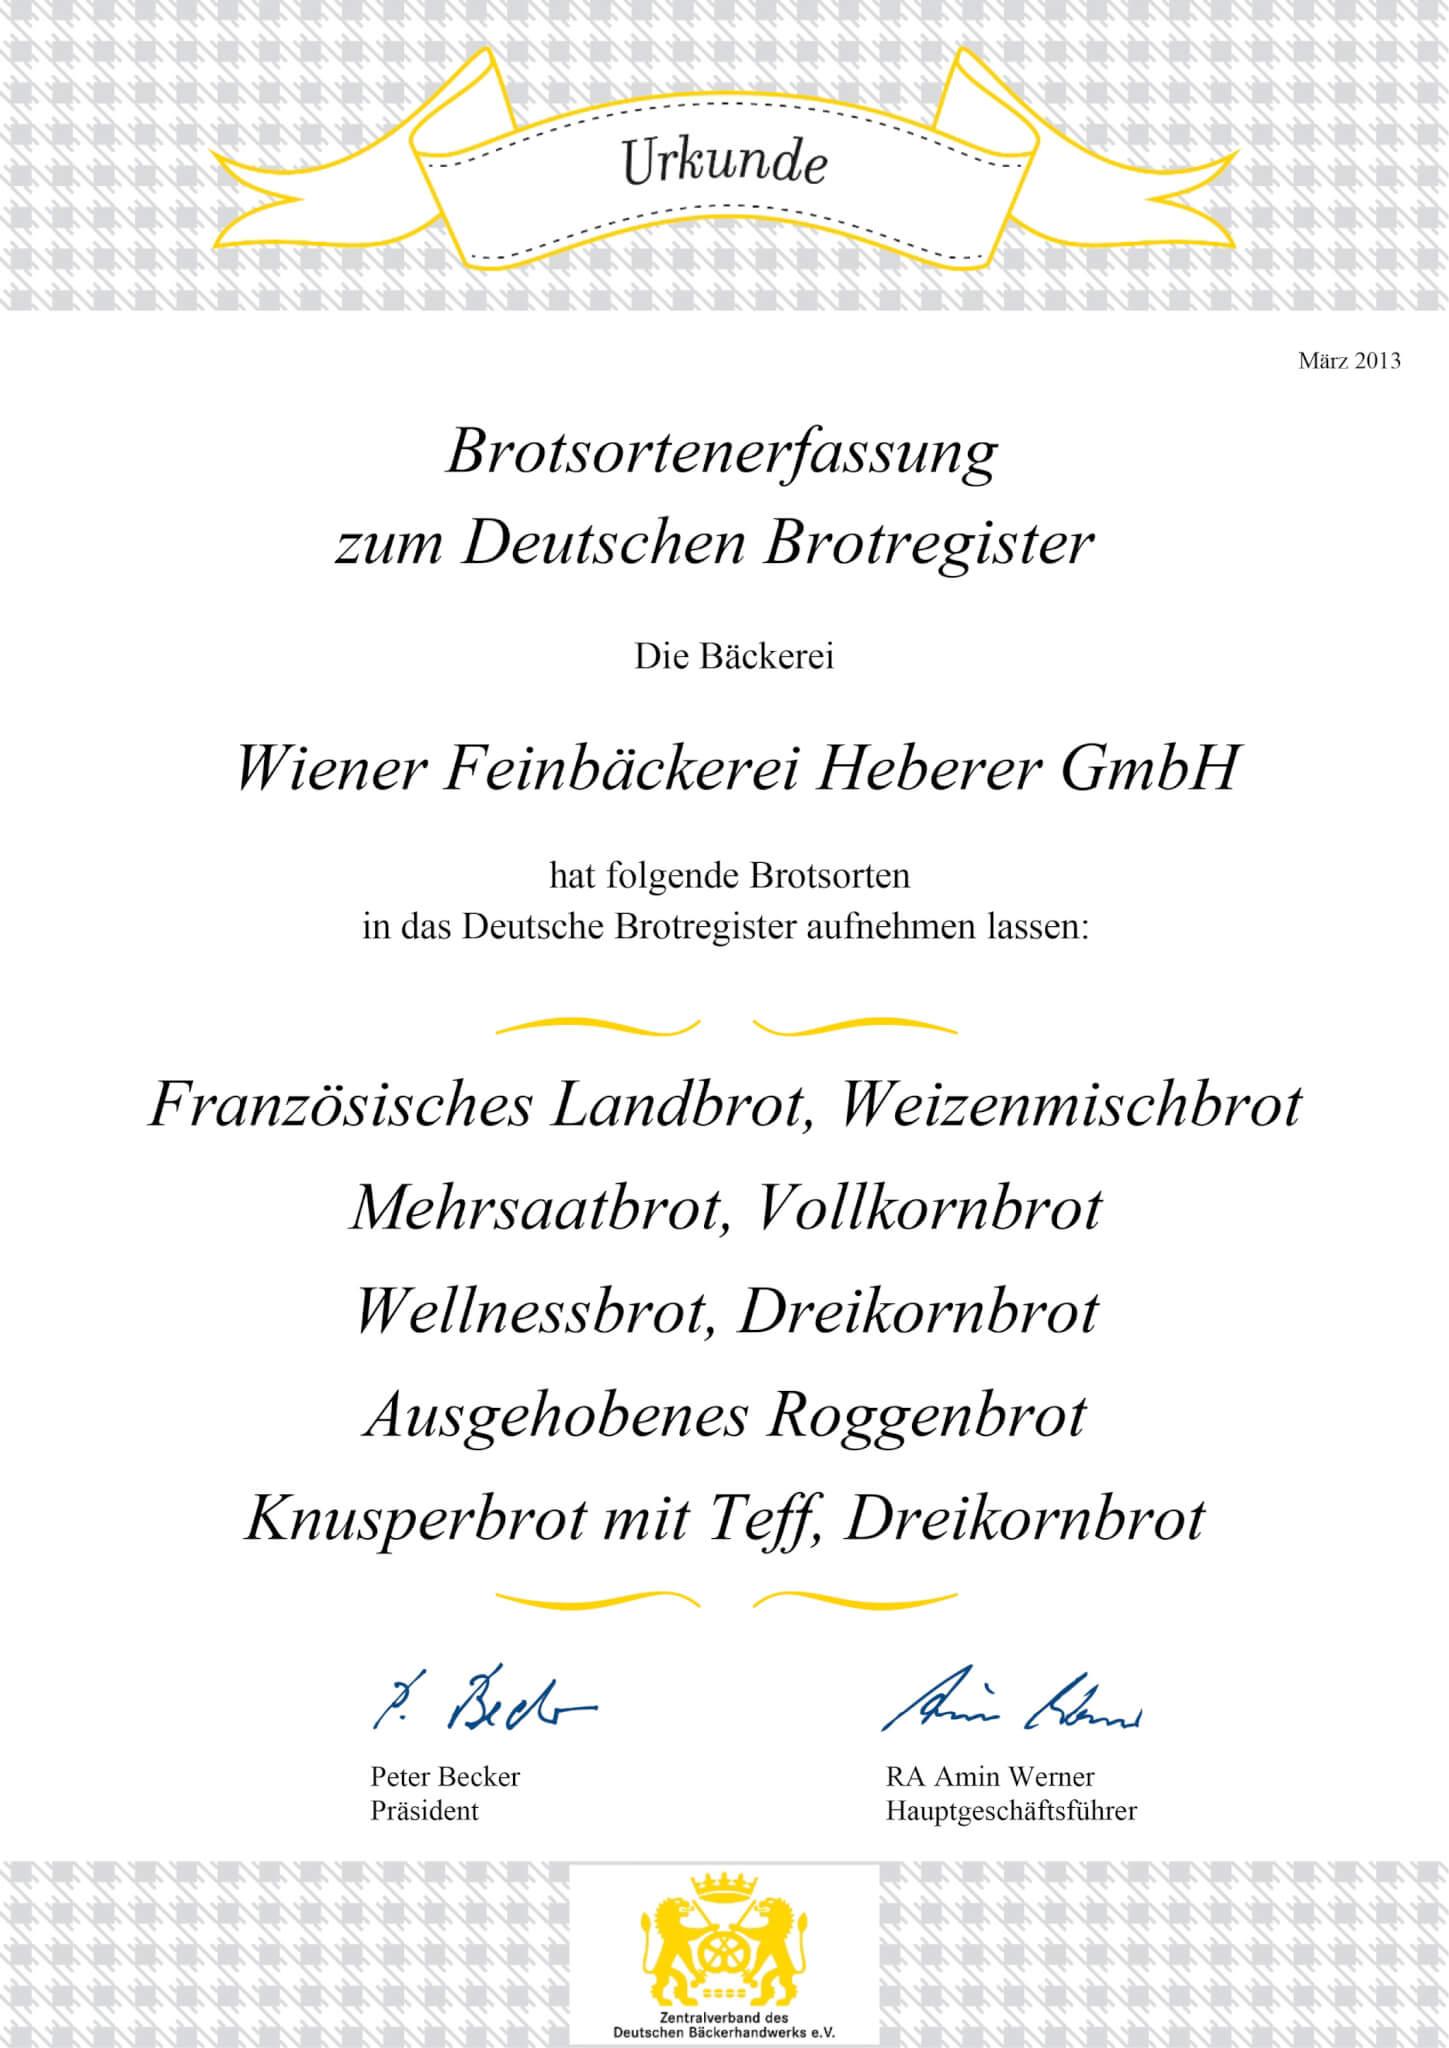 Urkunden Brotregister 2013